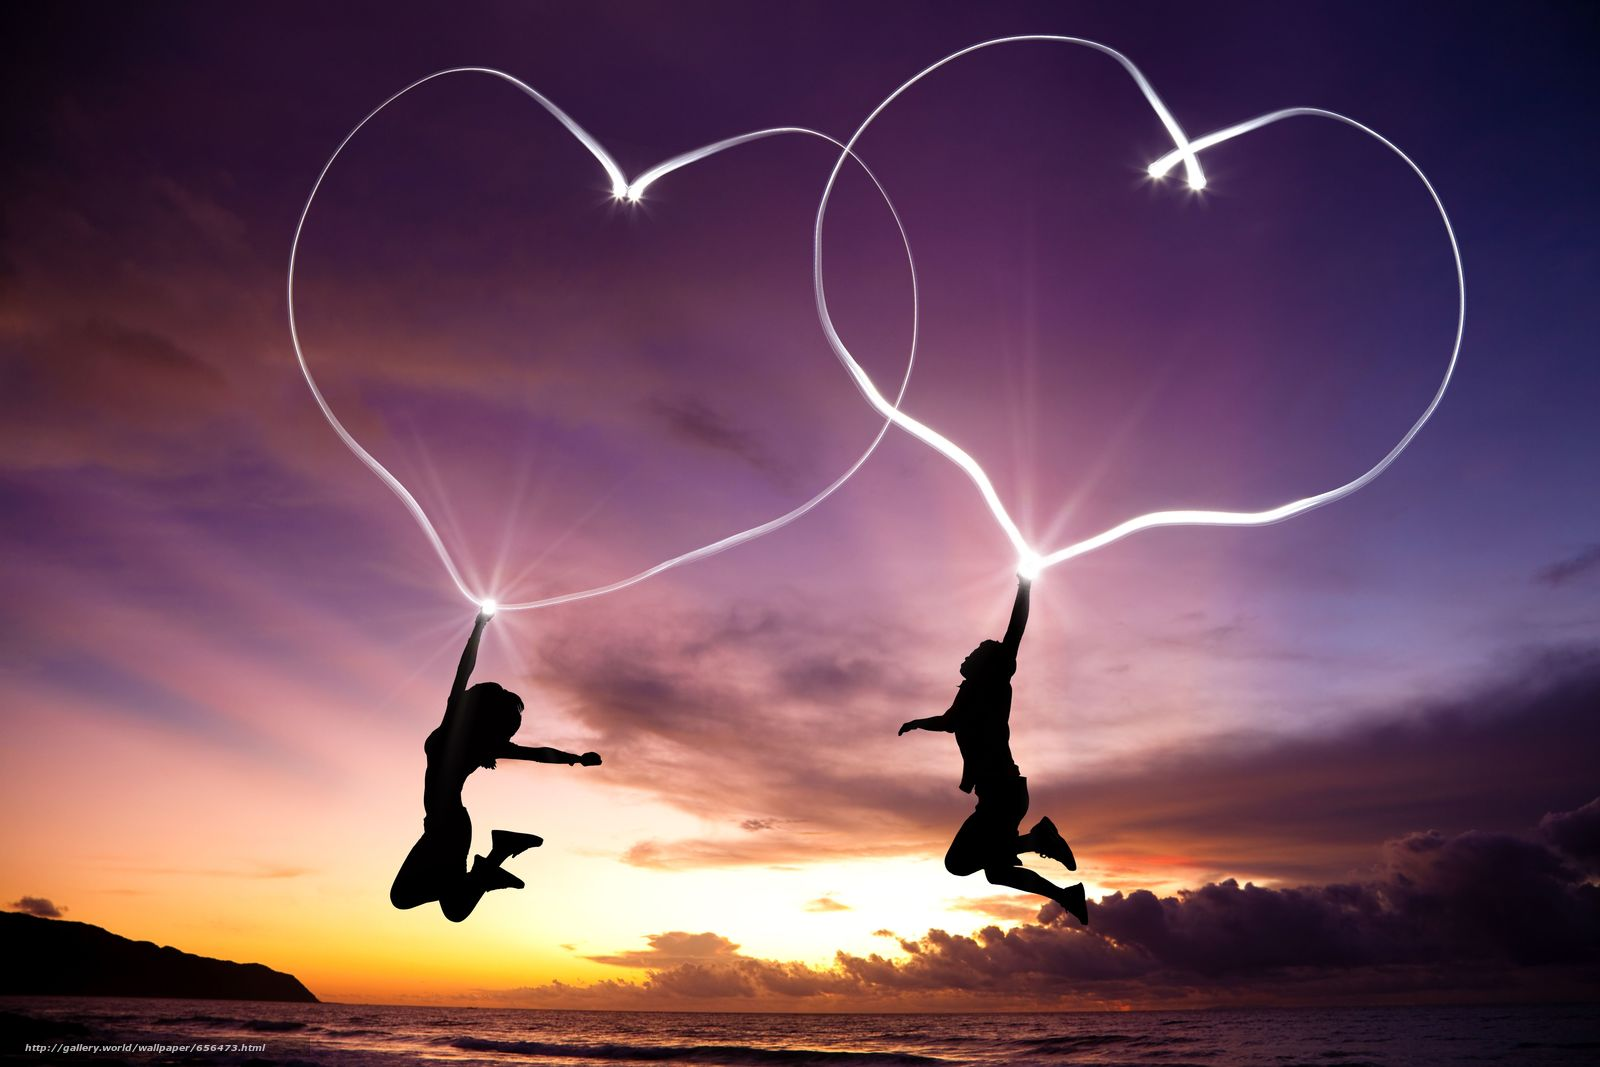 pobra tapety Motyw stworzony przez Kisenok,  Valentine,  Walentynki,  święto Darmowe tapety na pulpit rozdzielczoci 5616x3744 — zdjcie №656473